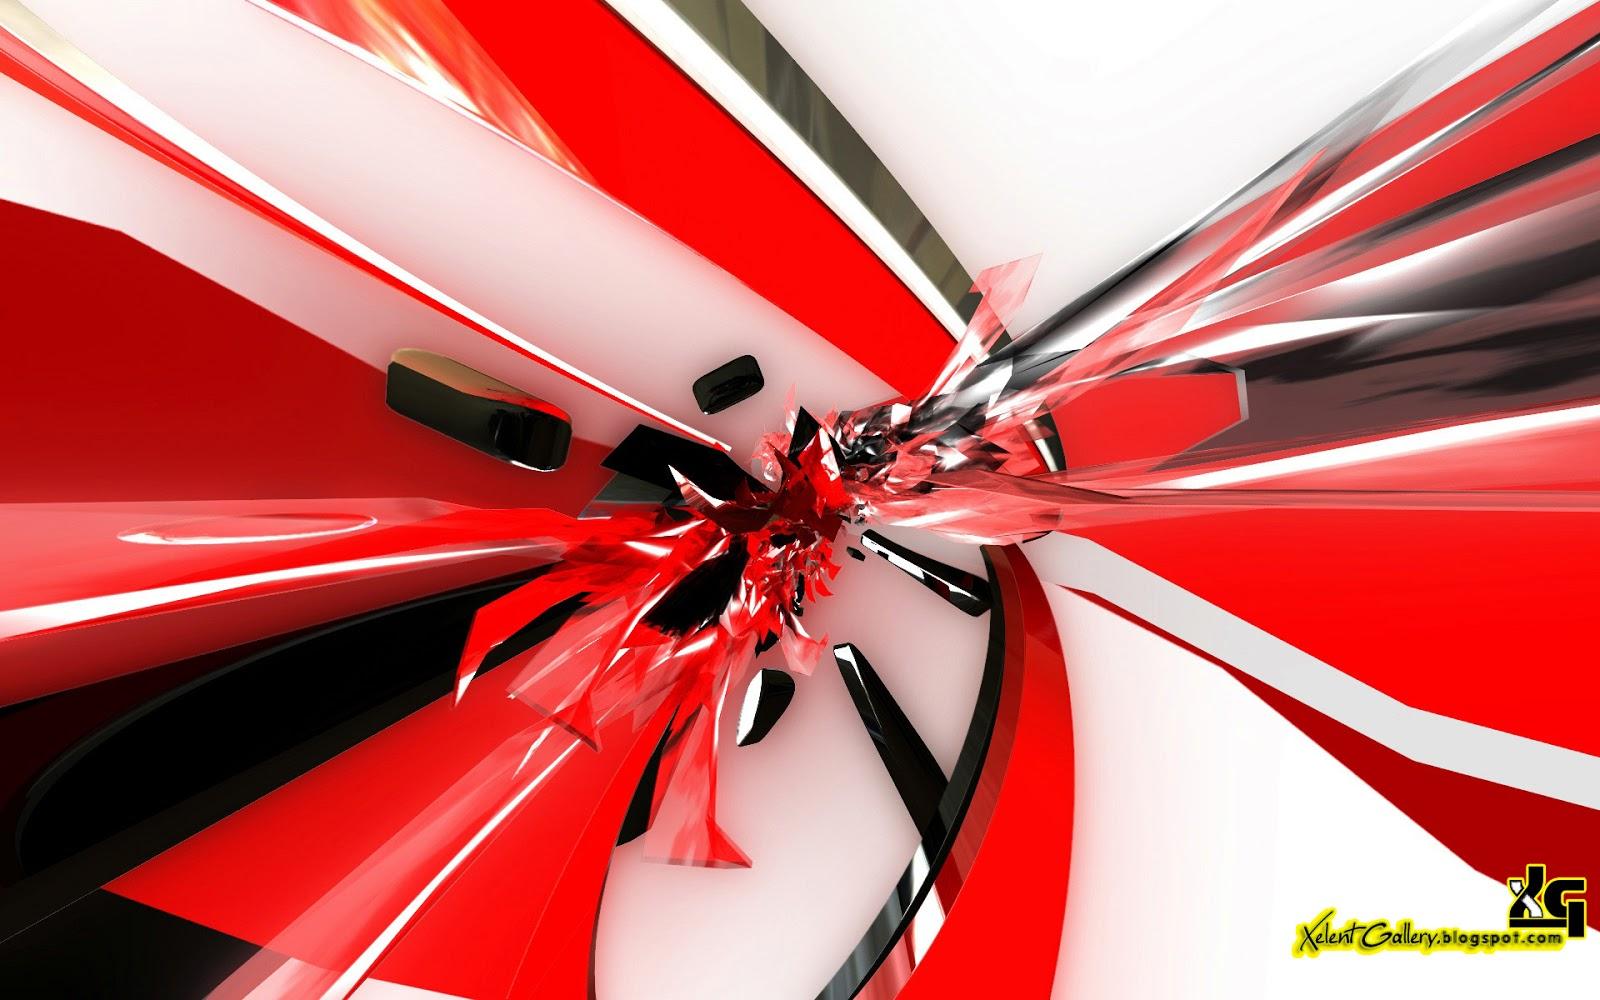 http://4.bp.blogspot.com/-EVP0elVhSXk/UQOm2mOwdxI/AAAAAAAACvU/qLyrhlWHC_4/s1600/Top+15+3D+Full+HD+Wallpaper+(14).JPG